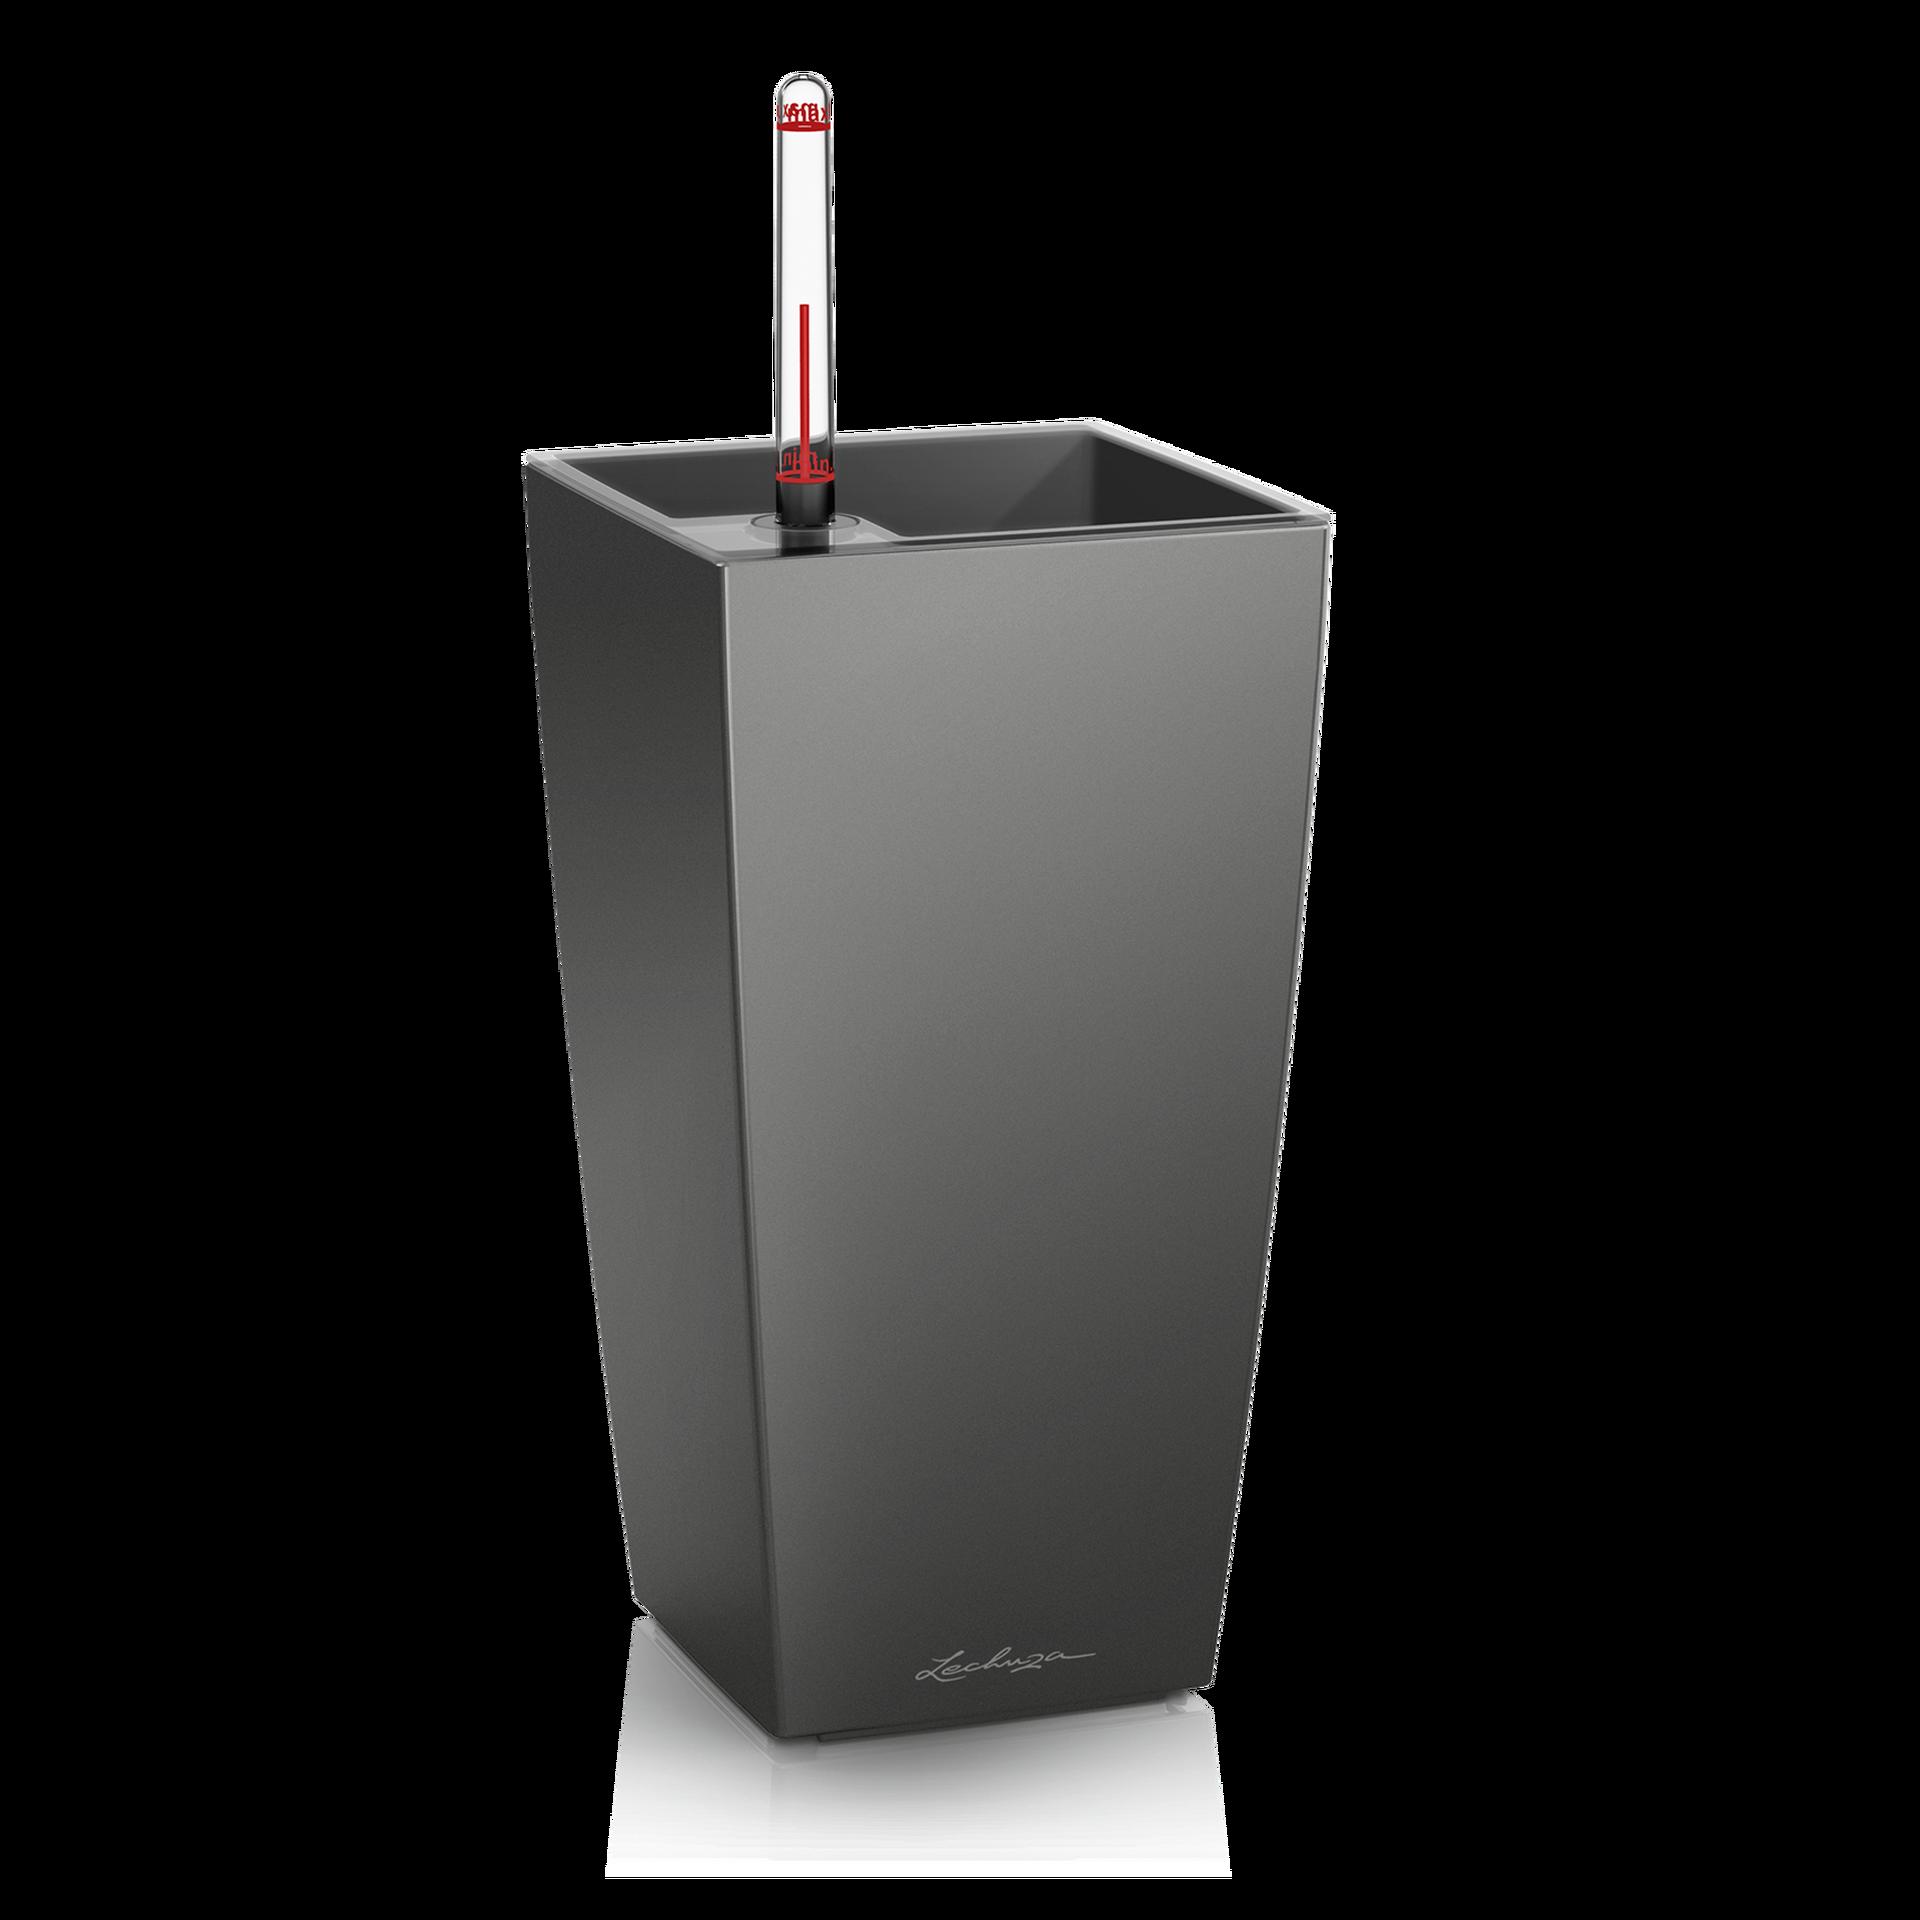 MAXI-CUBI antraciet metallic